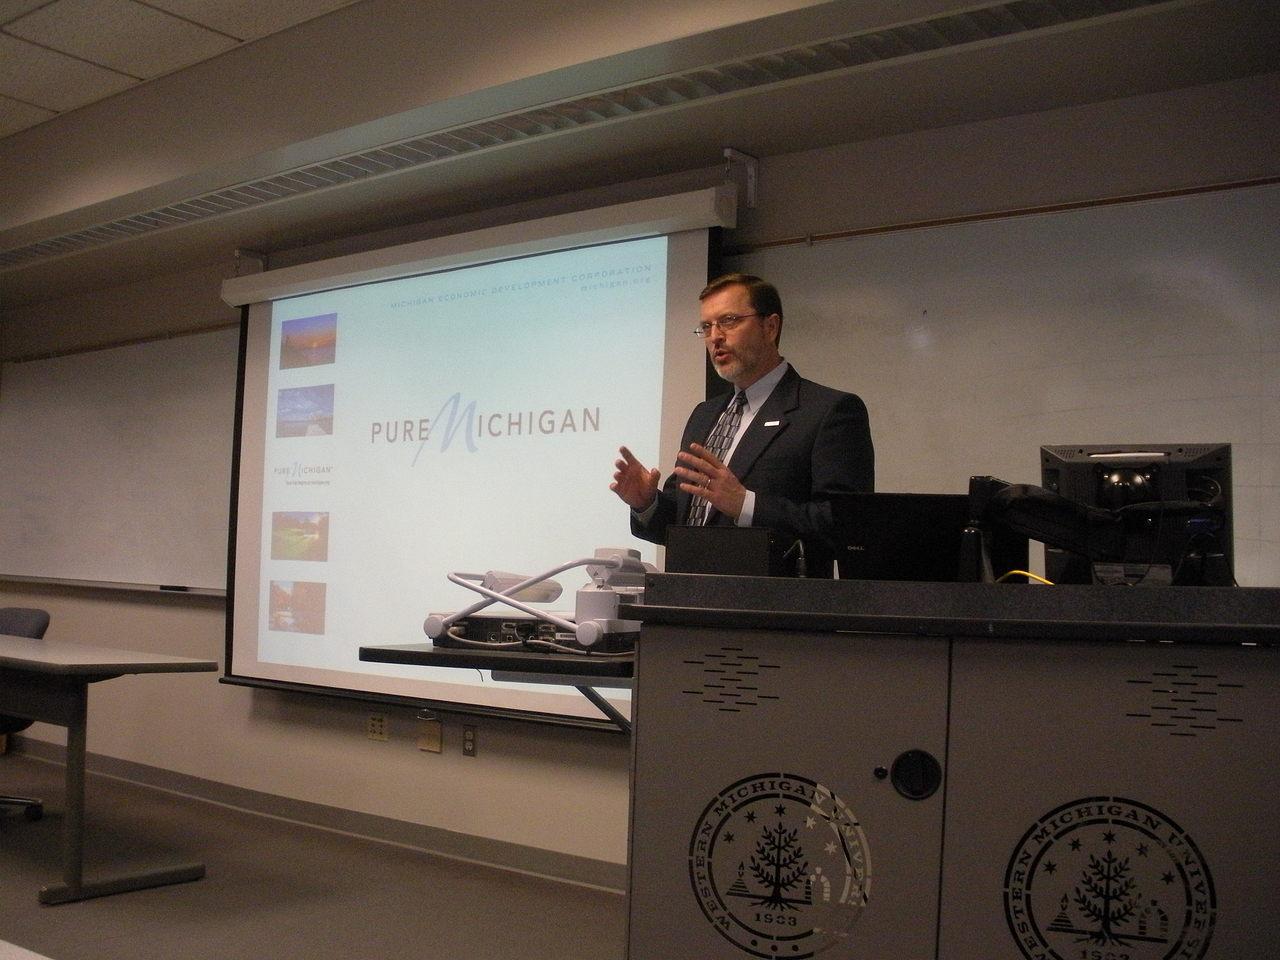 Pure+Michigan+presentation